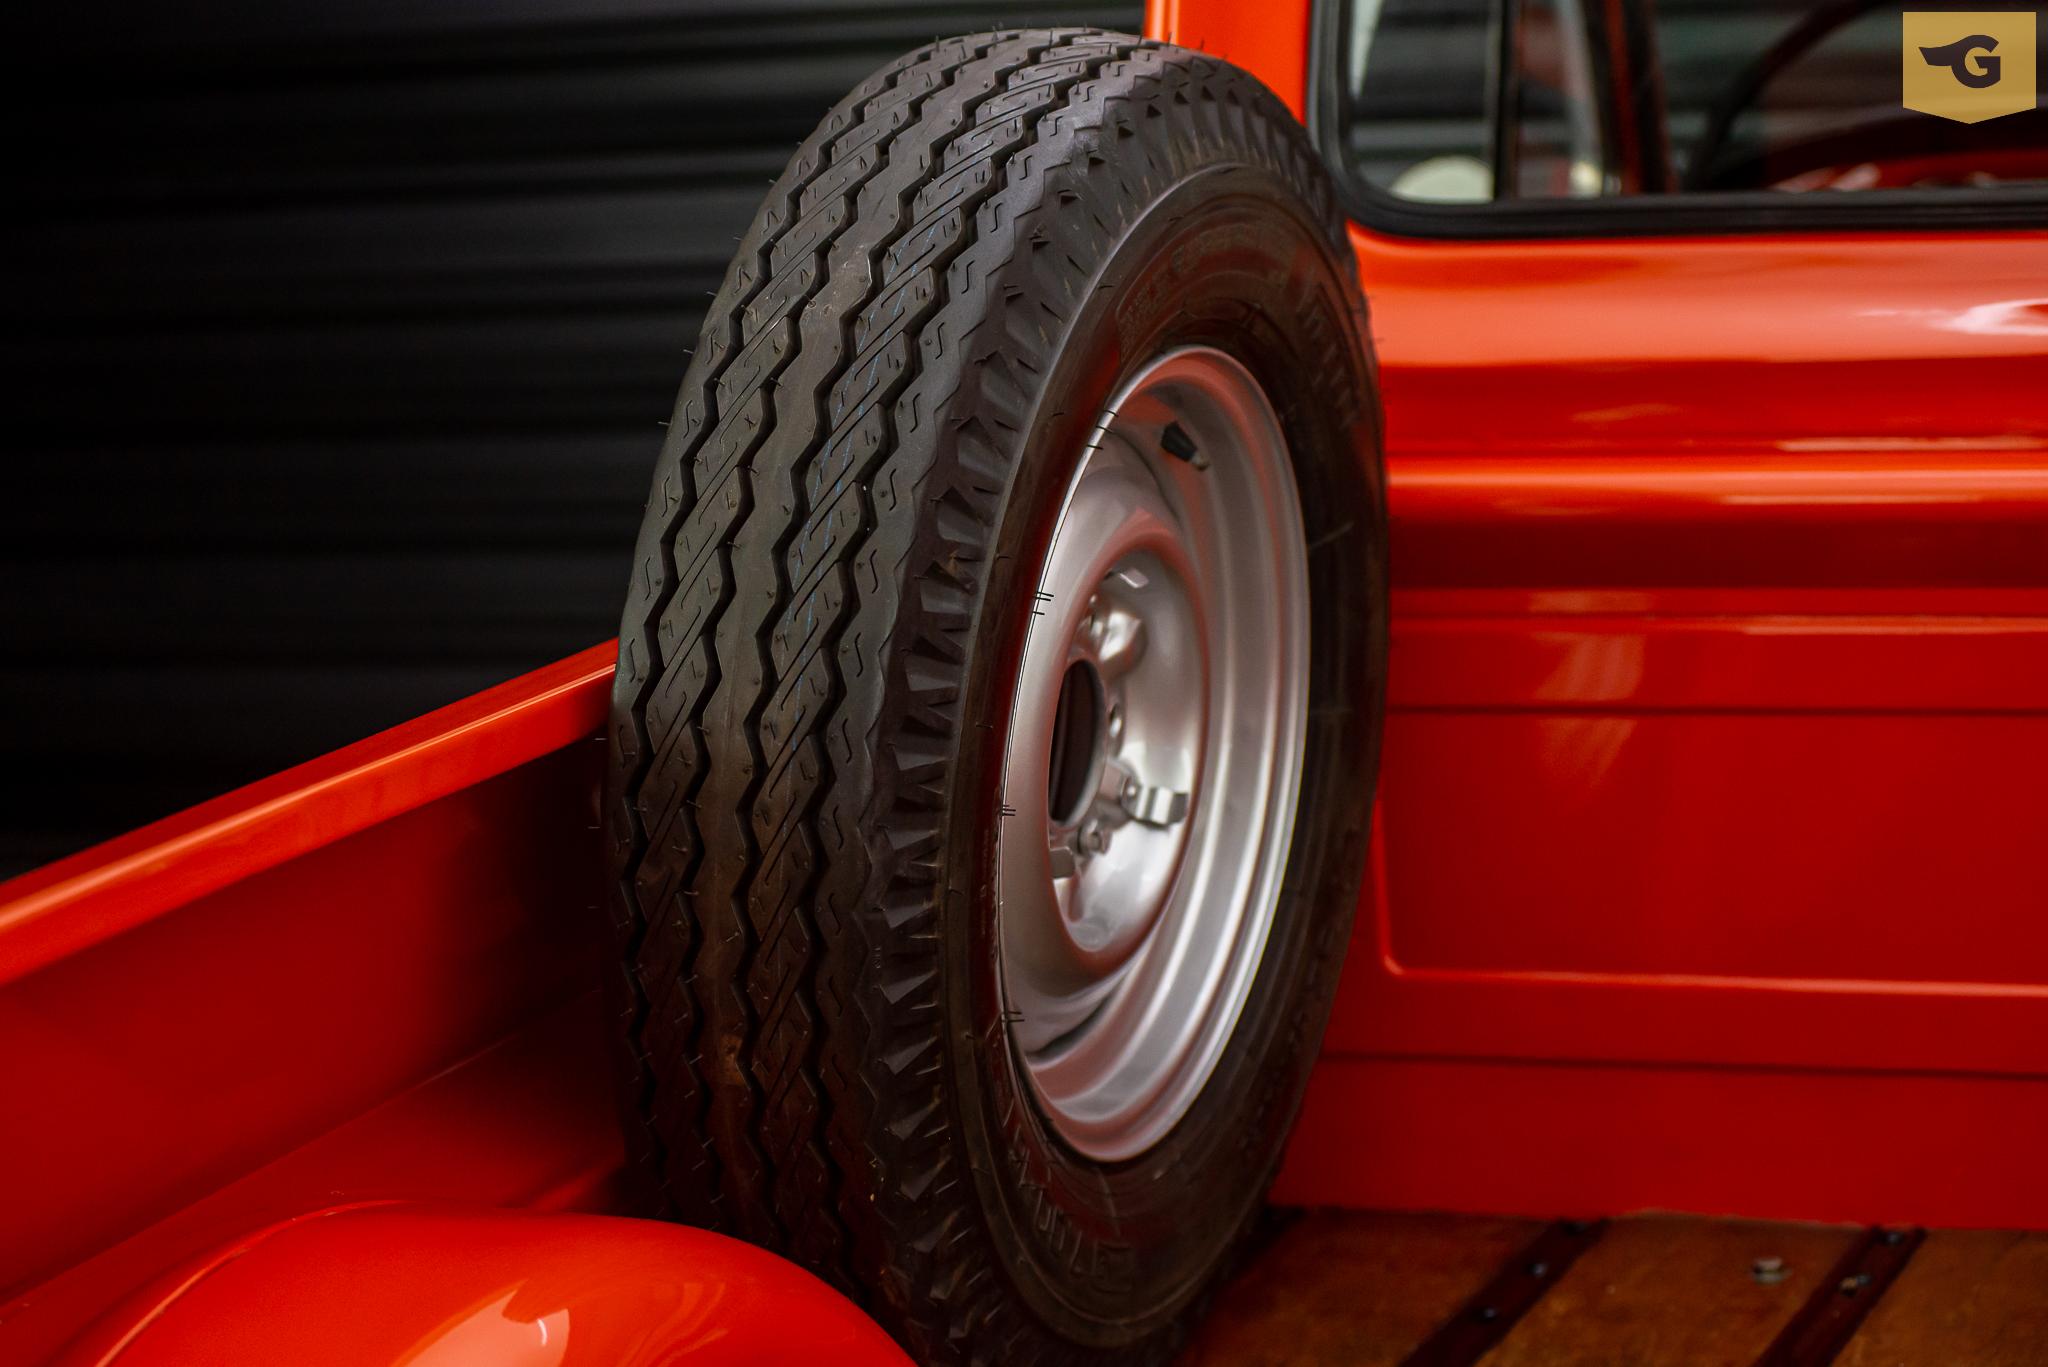 1974-chevrolet-c10-a-venda-sao-paulo-sp-for-sale-the-garage-classicos-a-venda-loja-de-carros-antigos--44